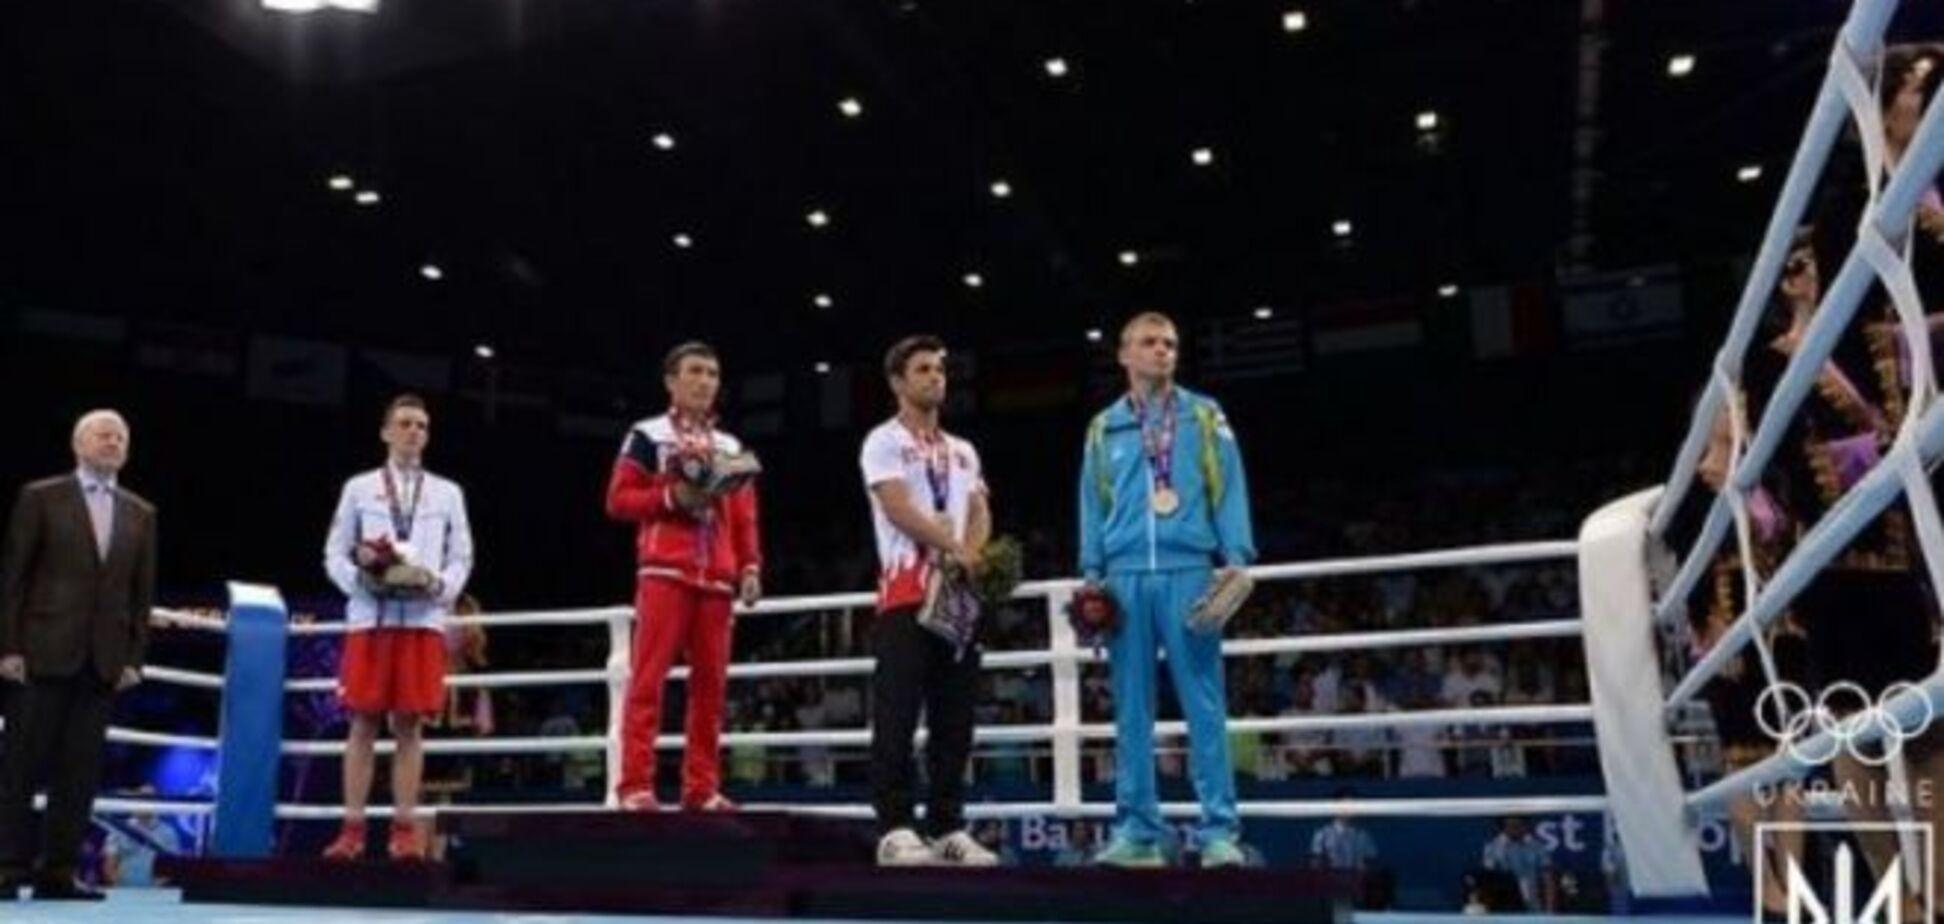 Украинский боксер показал свое отношение к России на Европейских играх: видео протеста